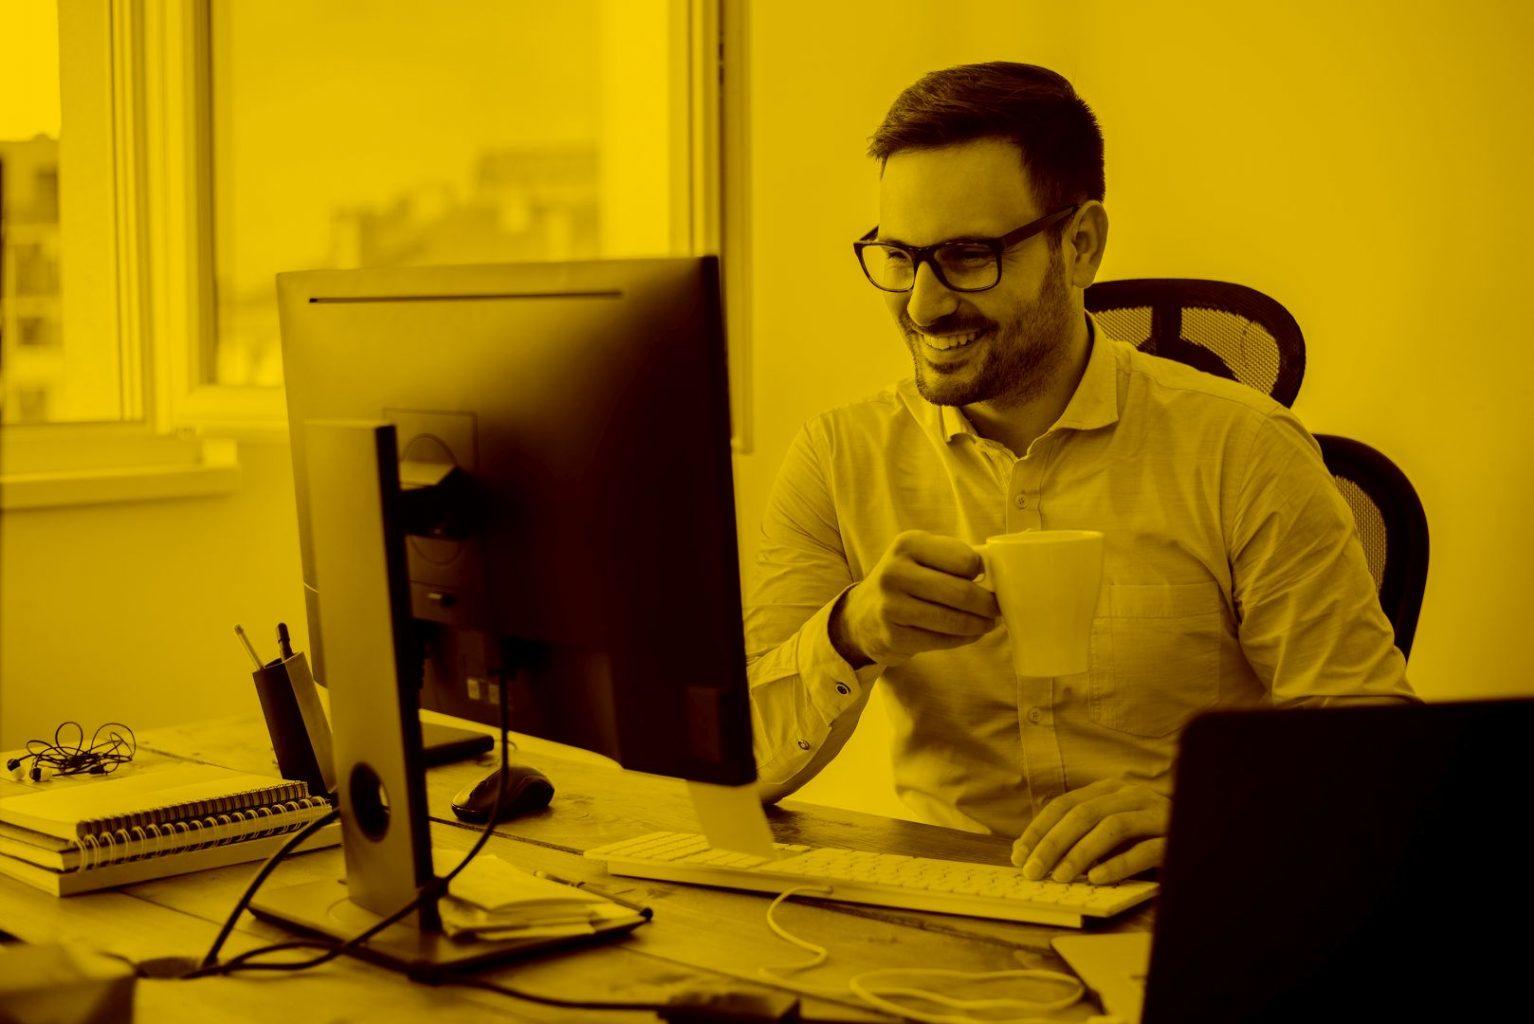 Mann arbeitet am PC mit Taxab in der maja.cloud